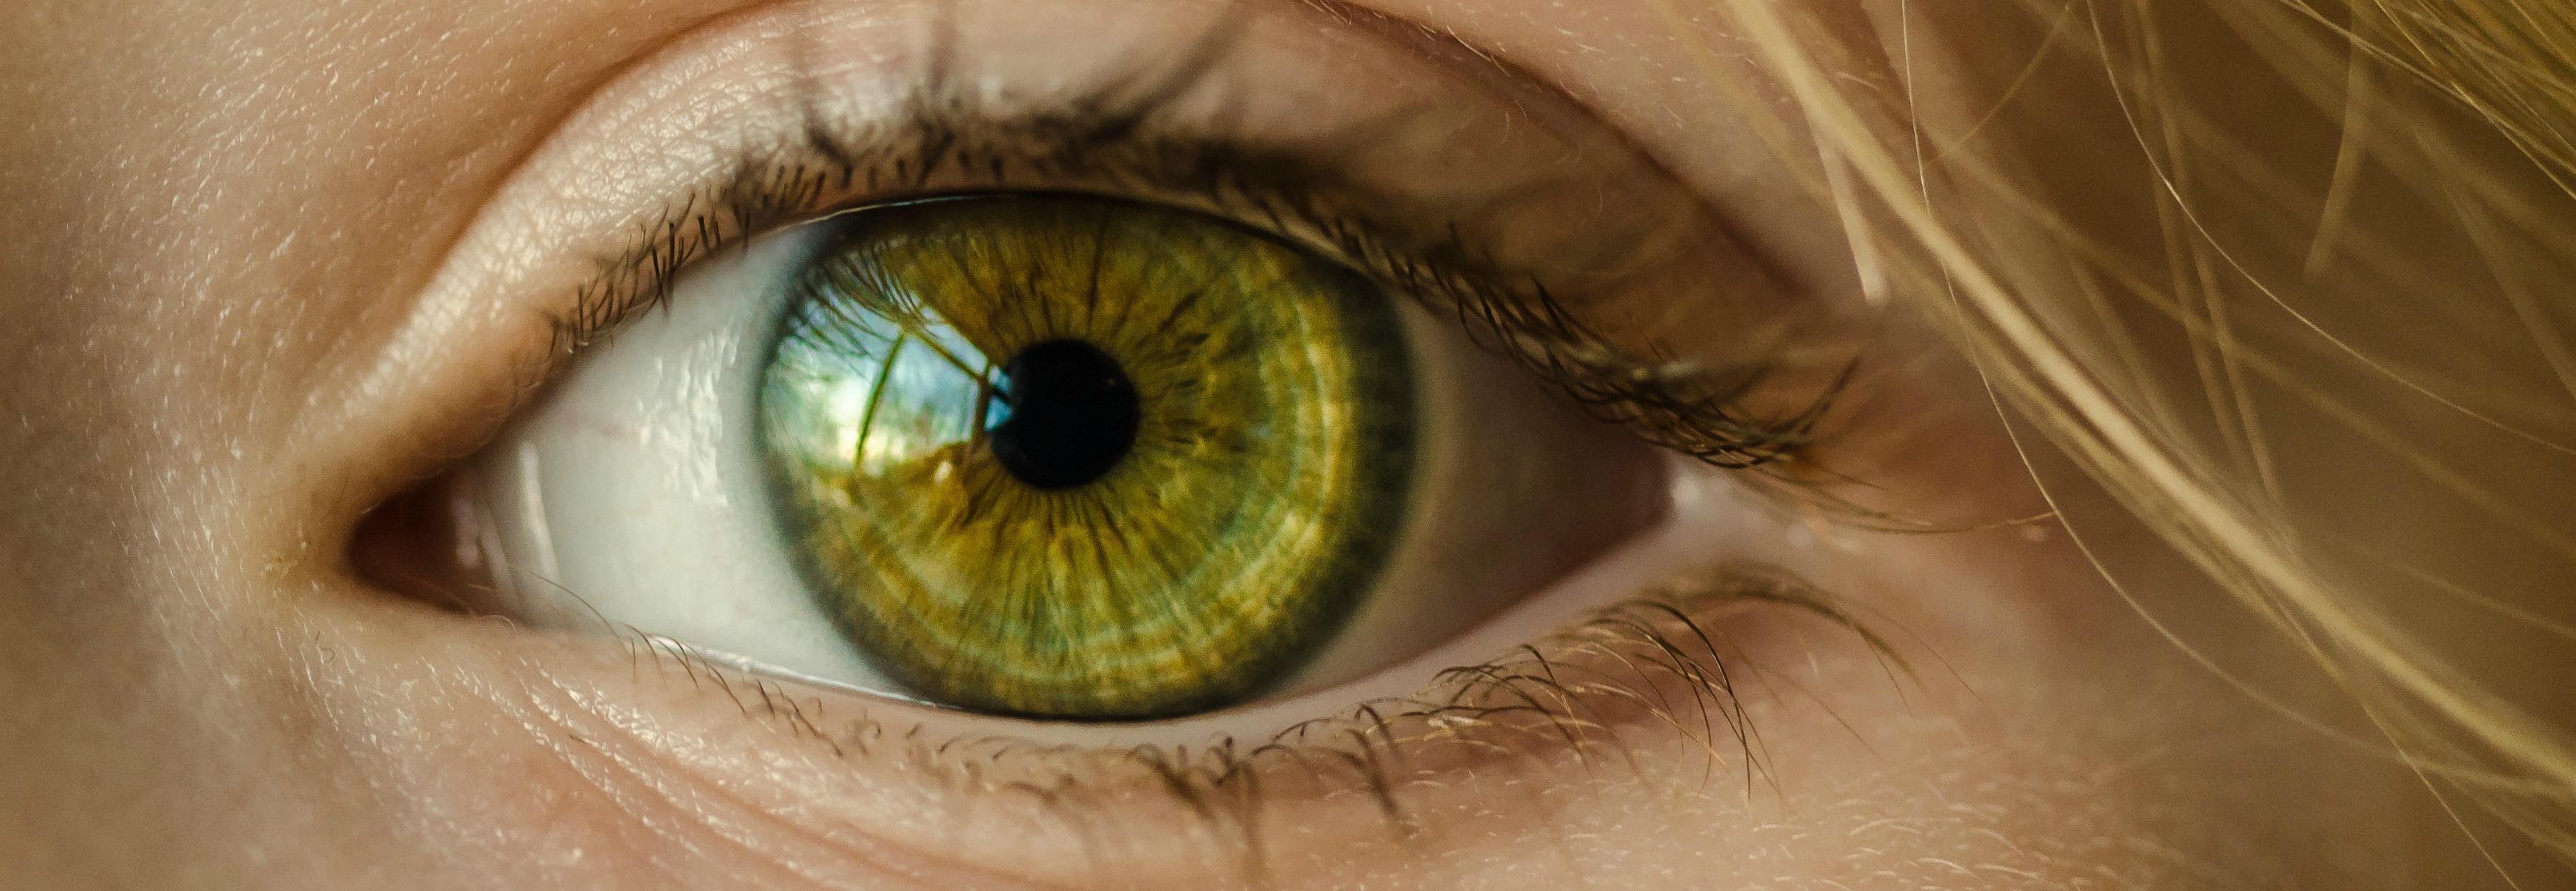 child-eye-eyelid-32267